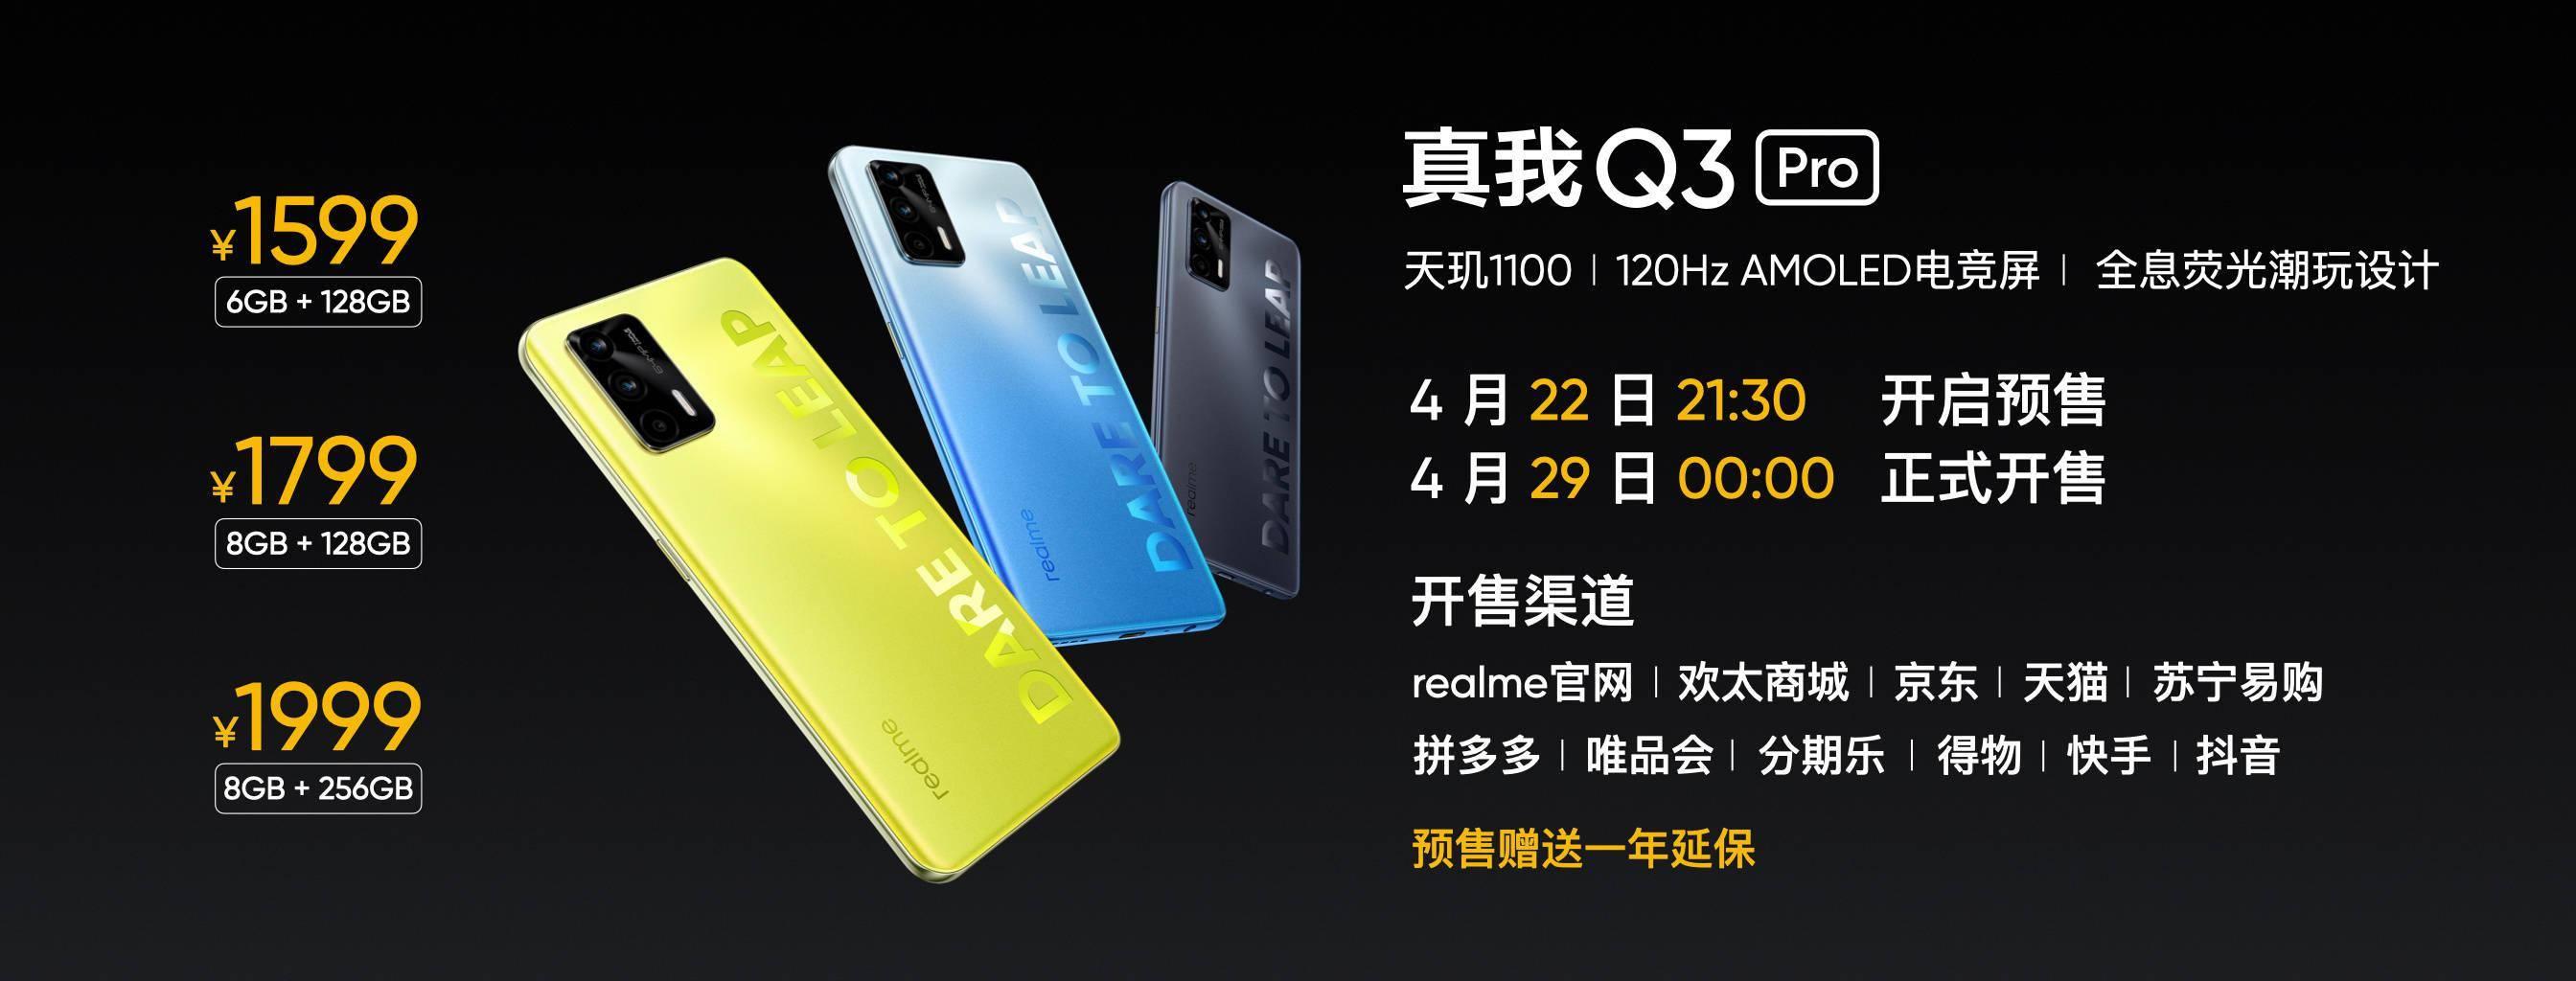 一图看懂 realme Q3/Q3/Q3i 新趣赢电竞app机:999 元起,均支持 5G 与高刷屏